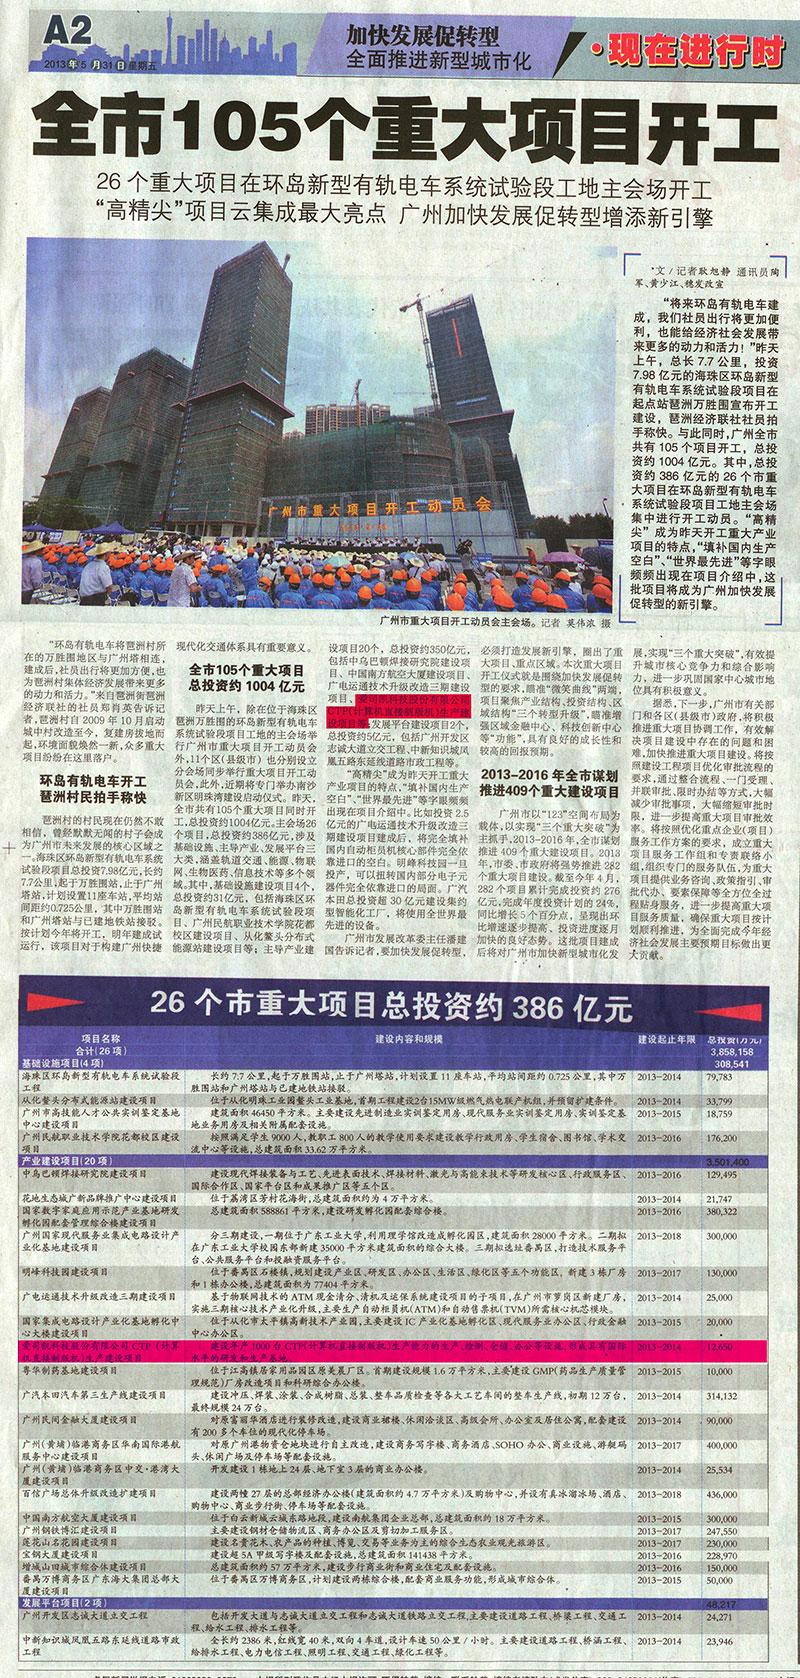 广州日报2013年5月31日A2版报道1.jpg